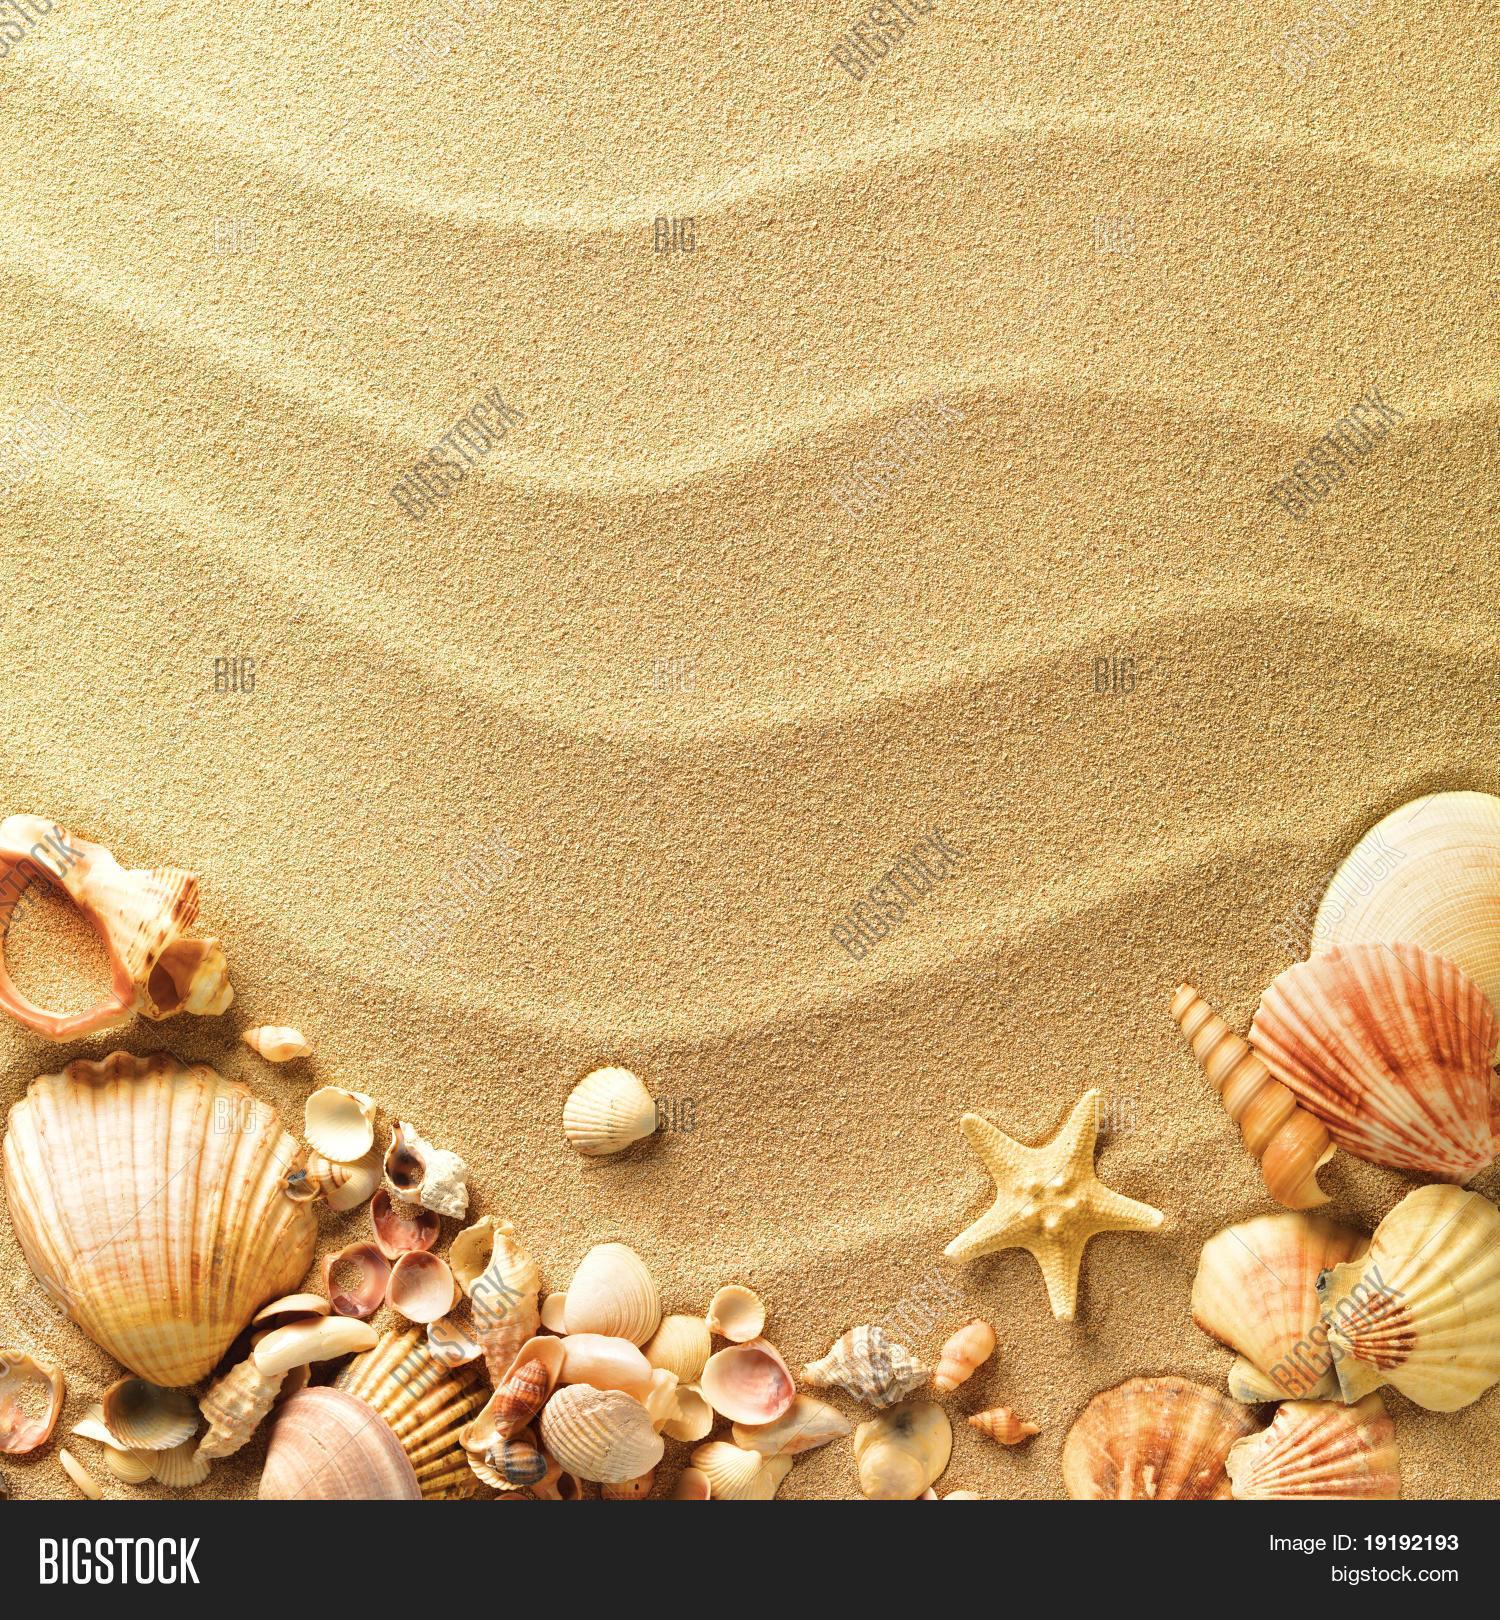 Immagine E Foto A Tema Prova Gratuita Bigstock